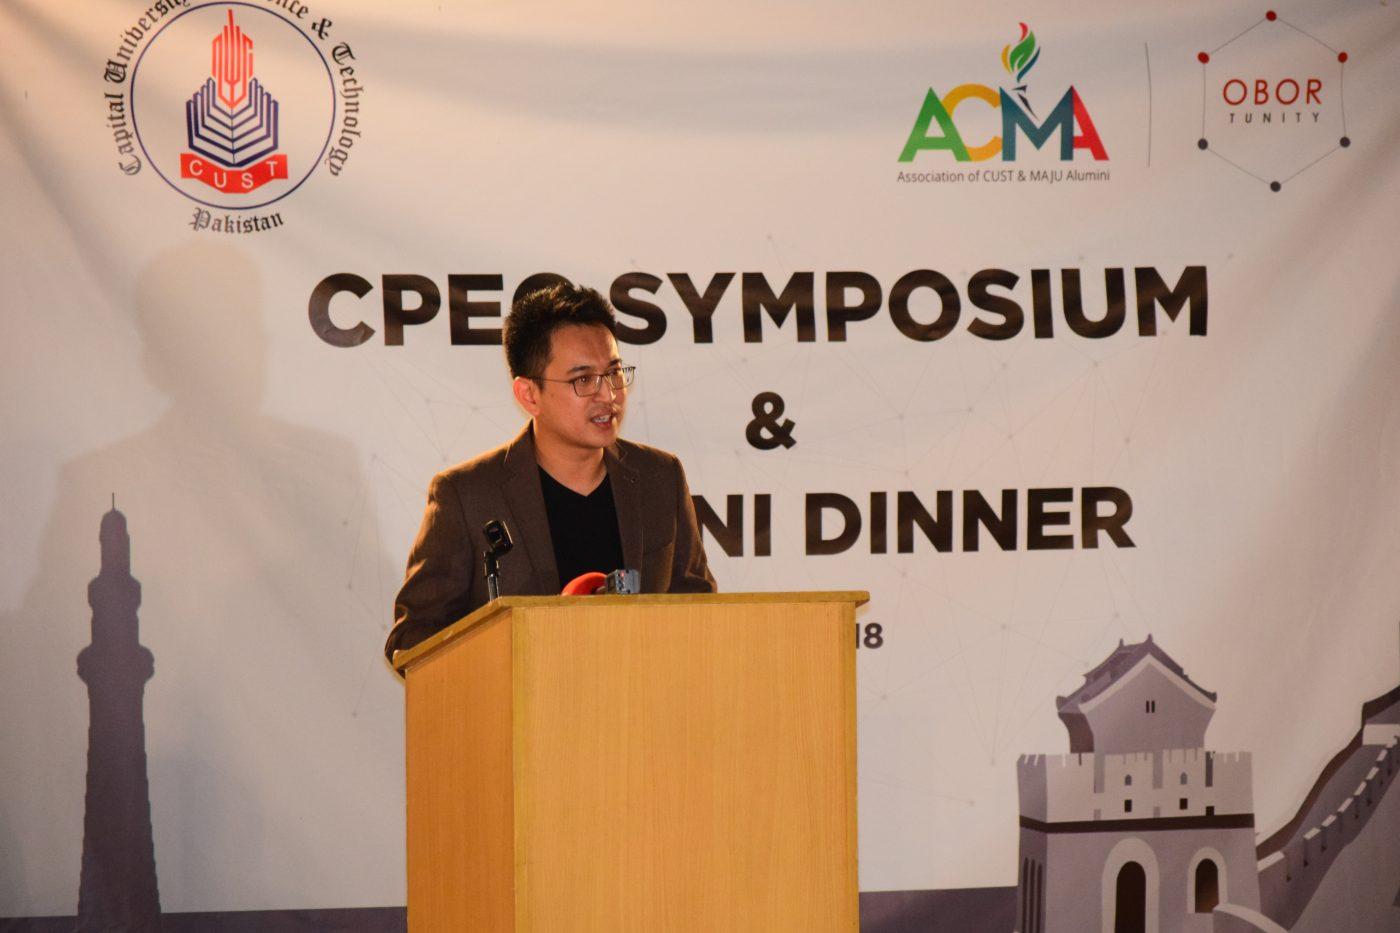 CPEC Symposium